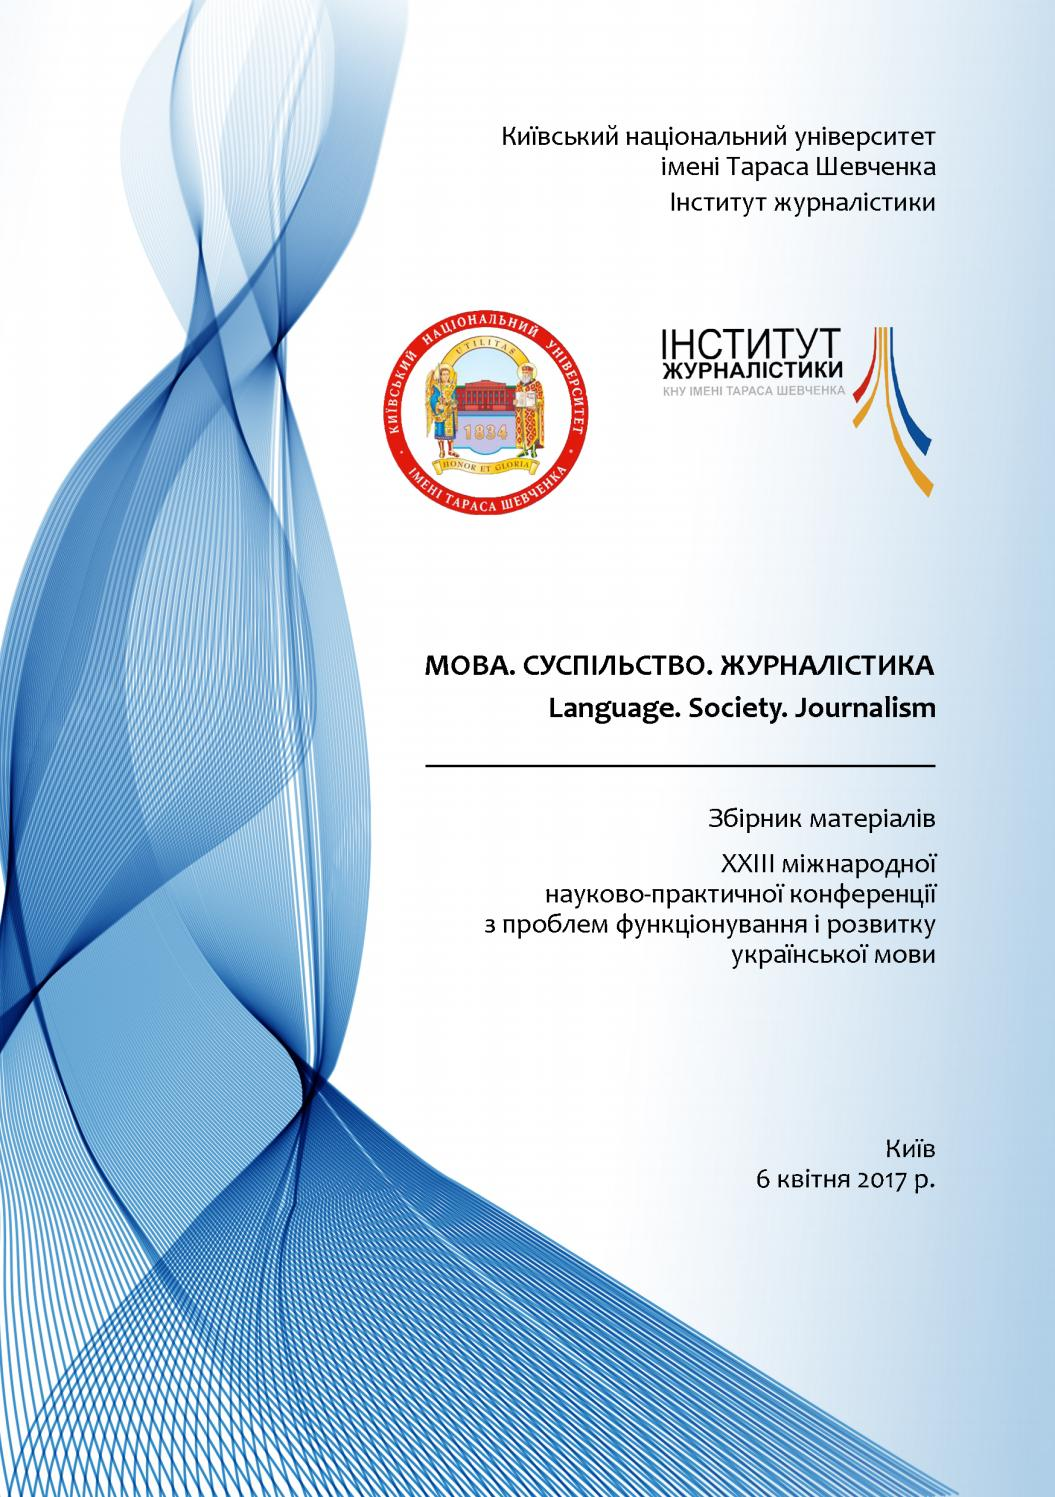 Мова. Суспільство. Журналістика by The Institute of Journalusm - issuu eb497cc48f2c9